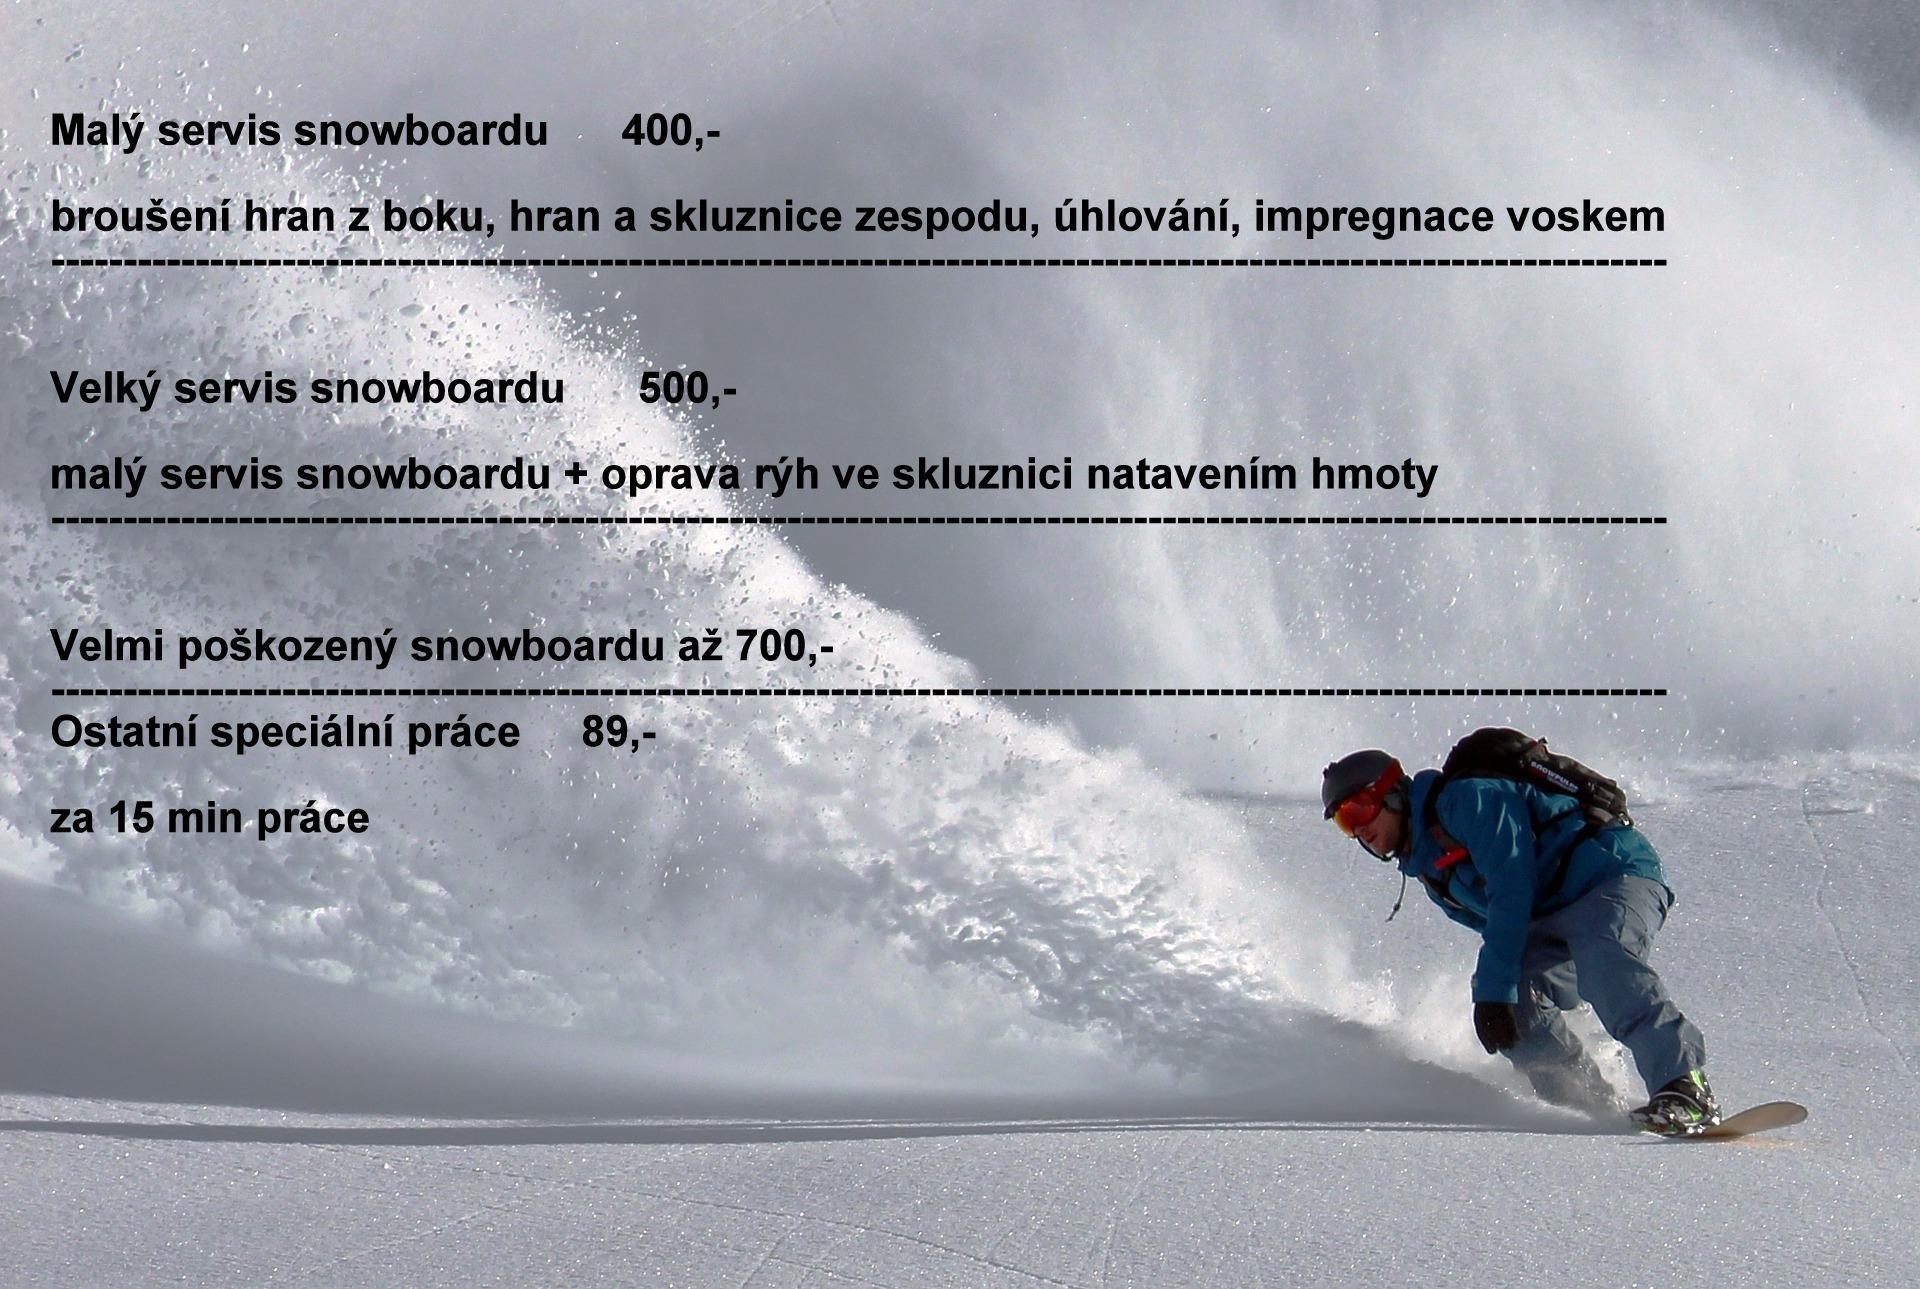 snowboarder-690779_192012